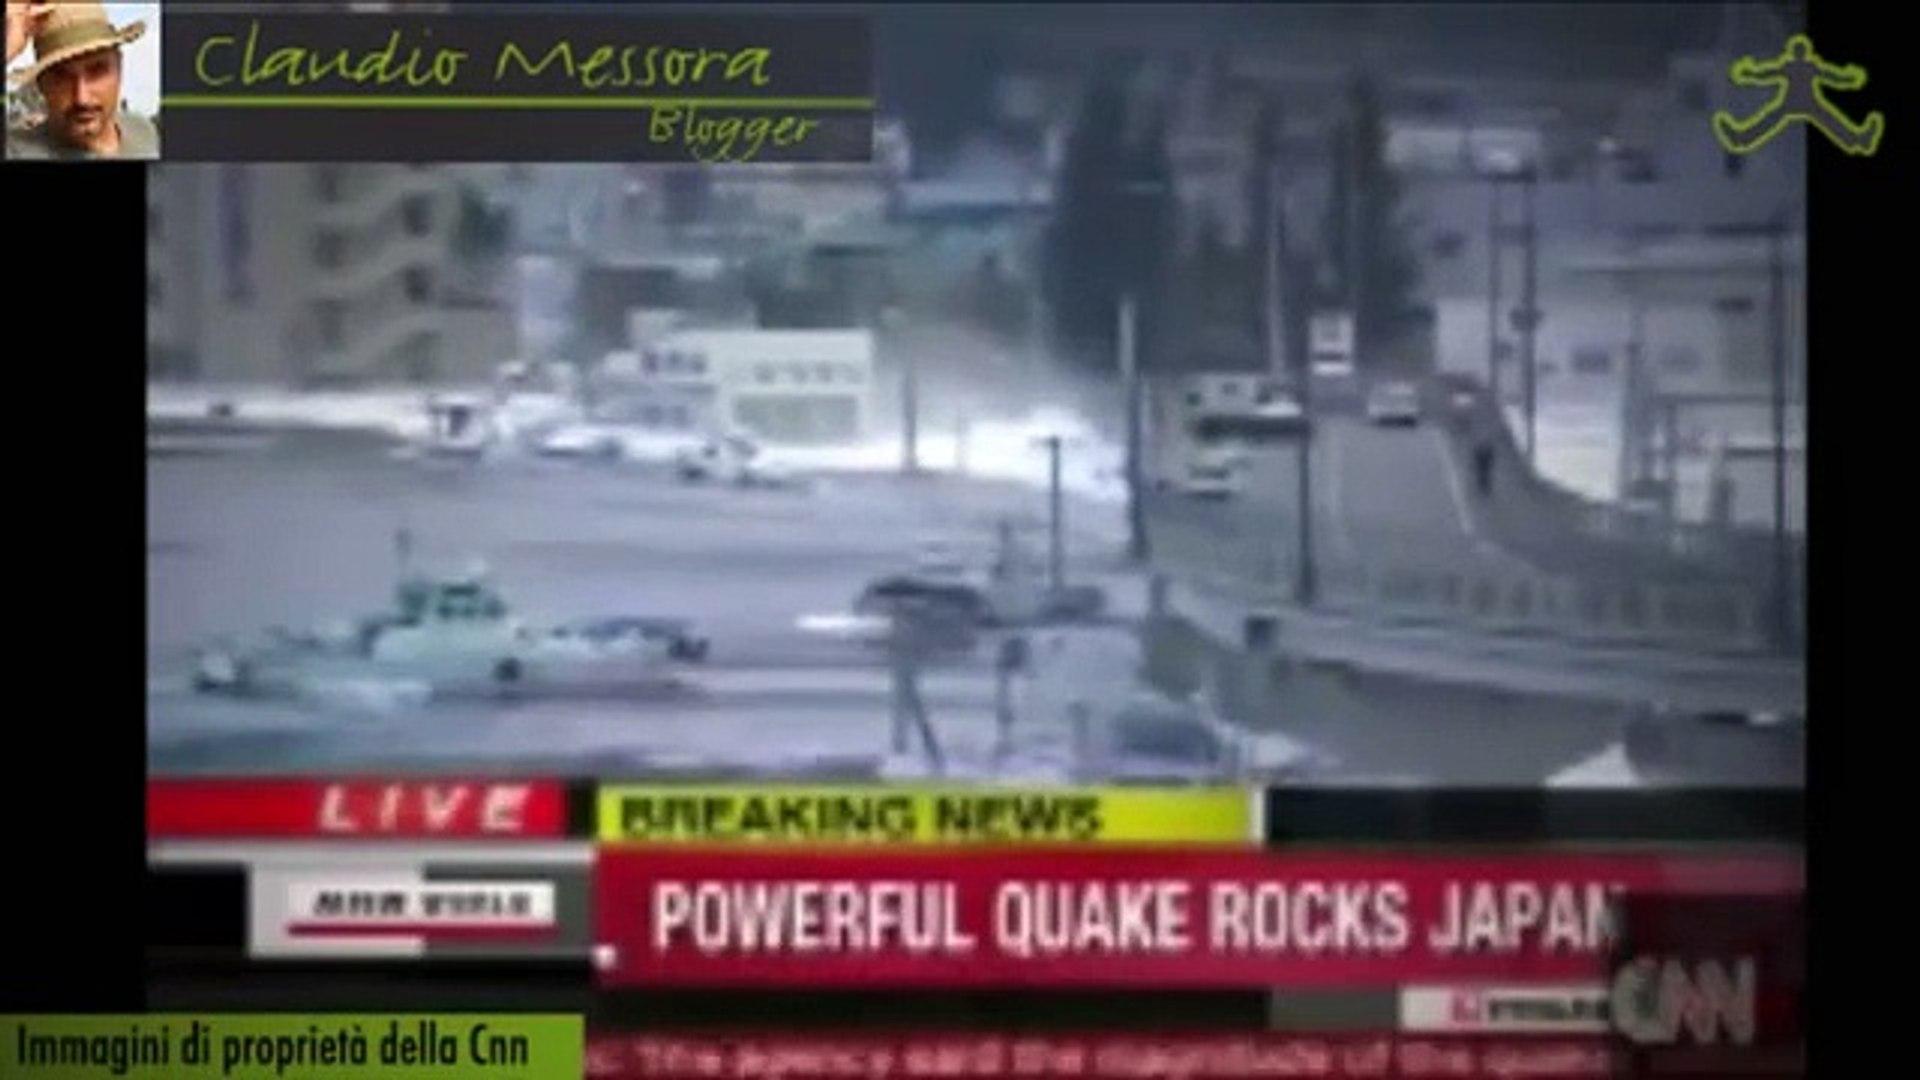 Terremoto - Da l'Aquila al Giappone - Claudio Messora Byoblu - Cadoinpiedi.it